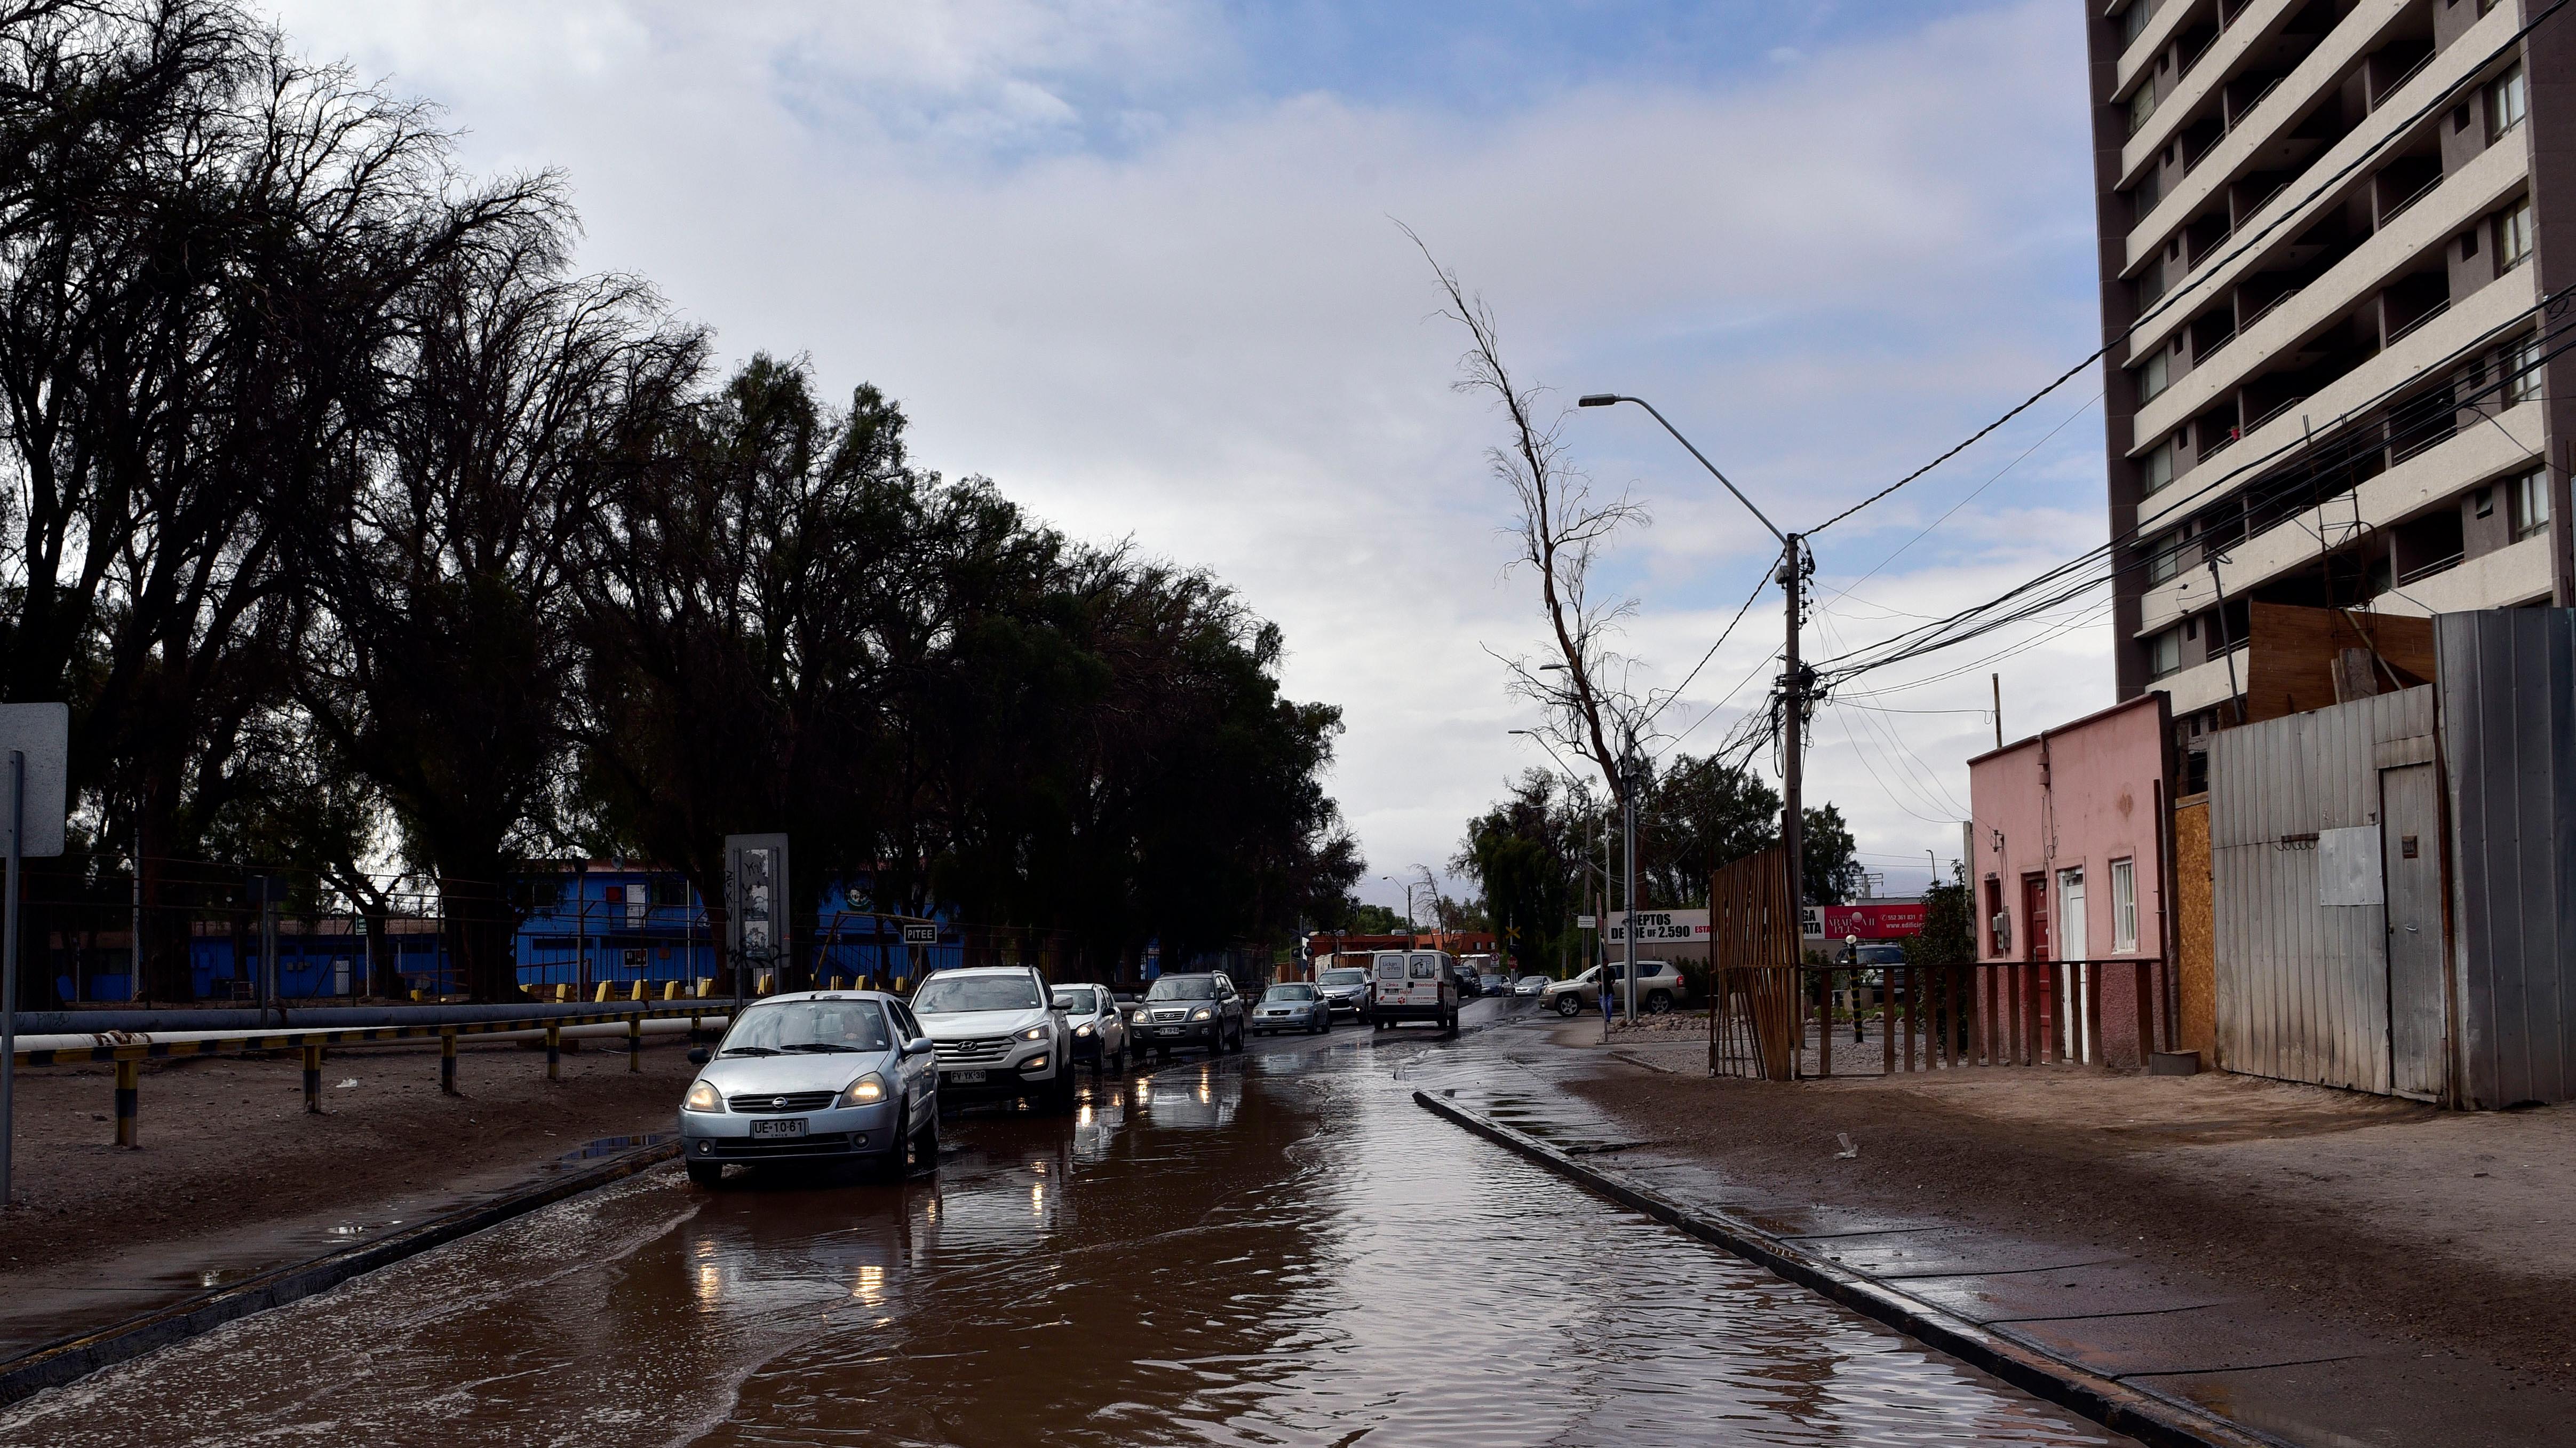 Intendencia de Arica anuncia suspensión de tránsito en la Ruta 5 y la de Tarapacá llama a habitantes a subir a sectores altos